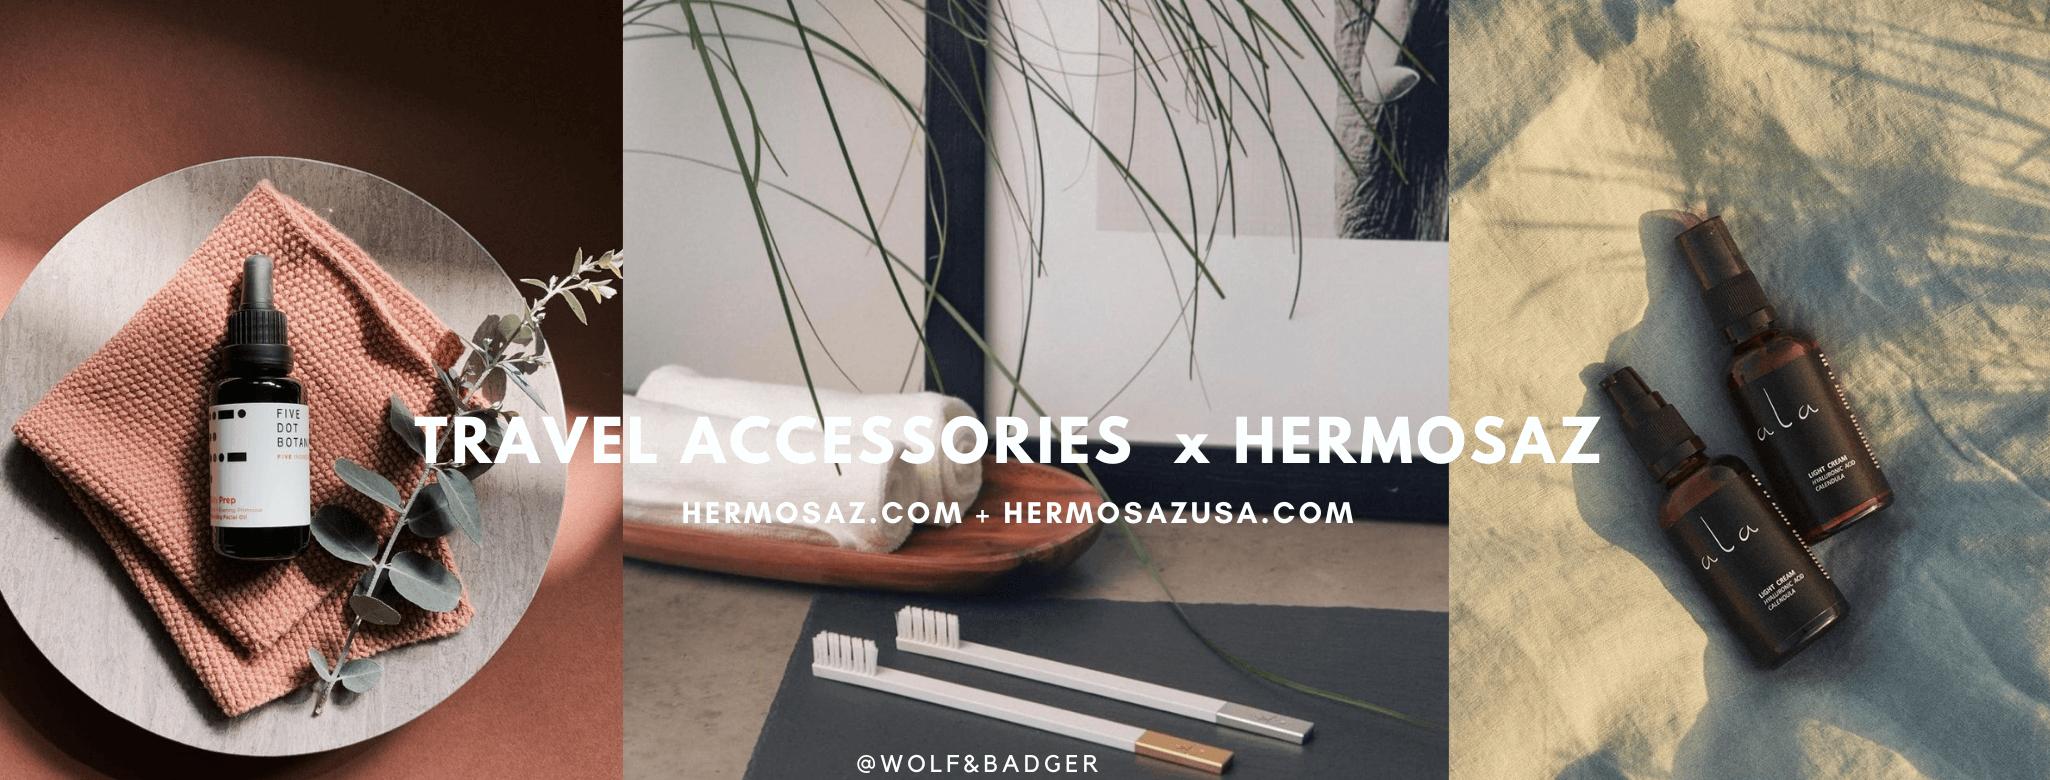 Travel accessories x Hermosaz